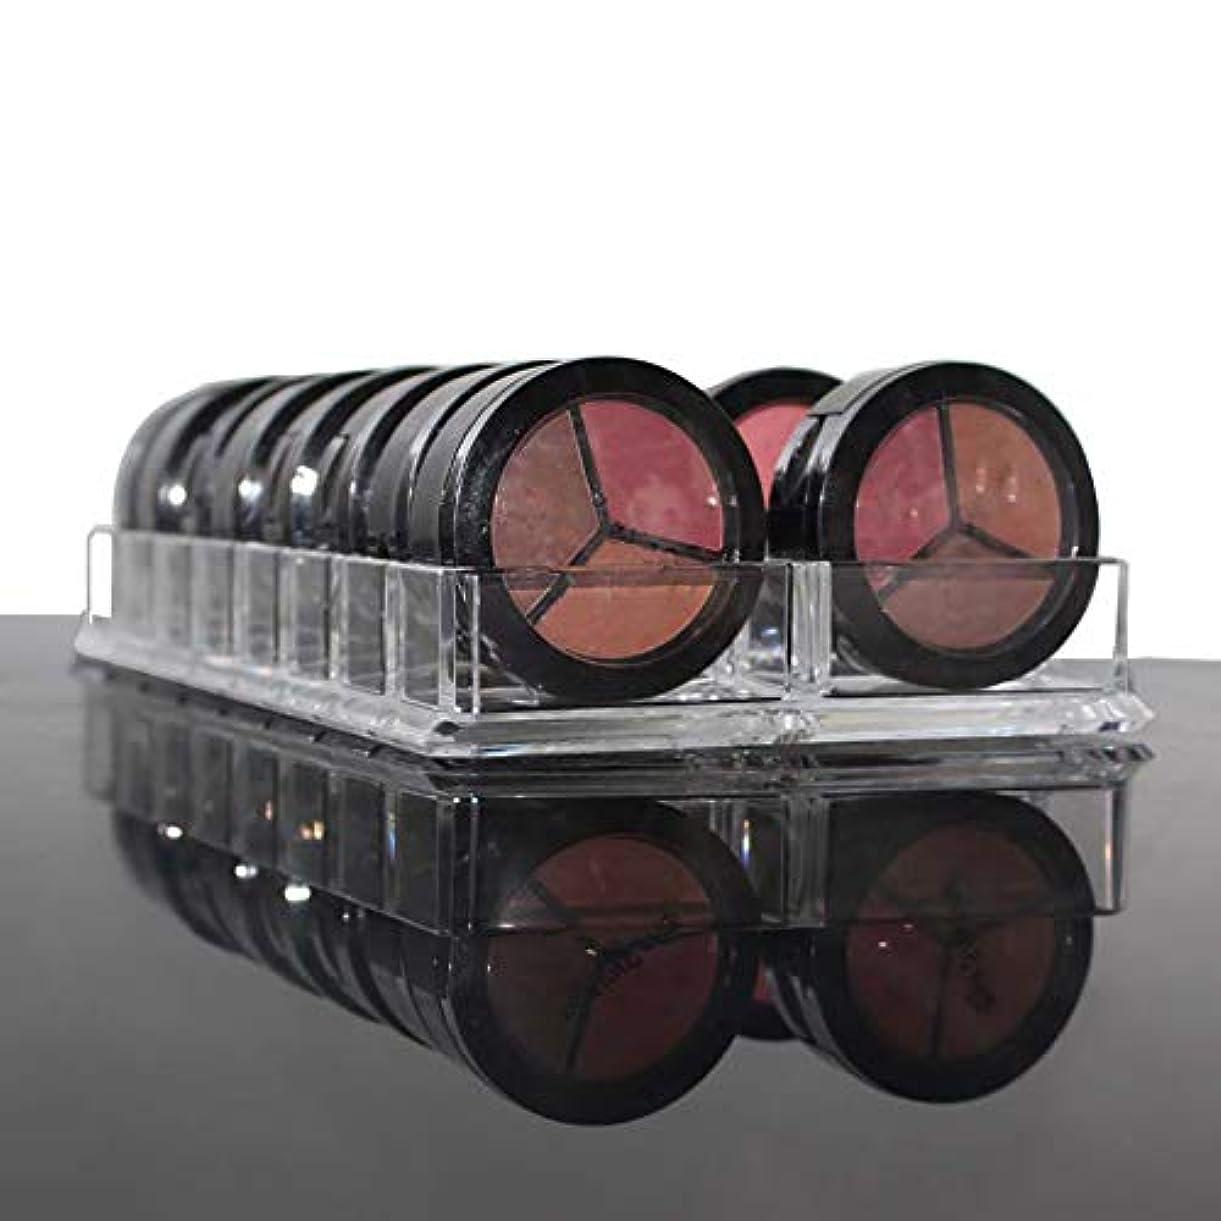 孤児伝染性のパフhamulekfae-化粧品綺麗アクリルアイシャドー頬紅化粧オーガナイザー16スペース化粧品収納ケースホルダー - 透明